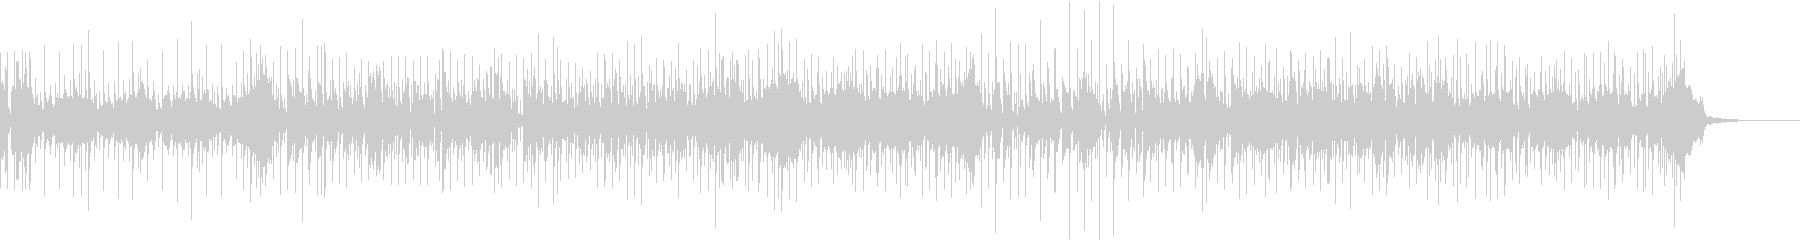 ブラスメロのファンクロックの未再生の波形